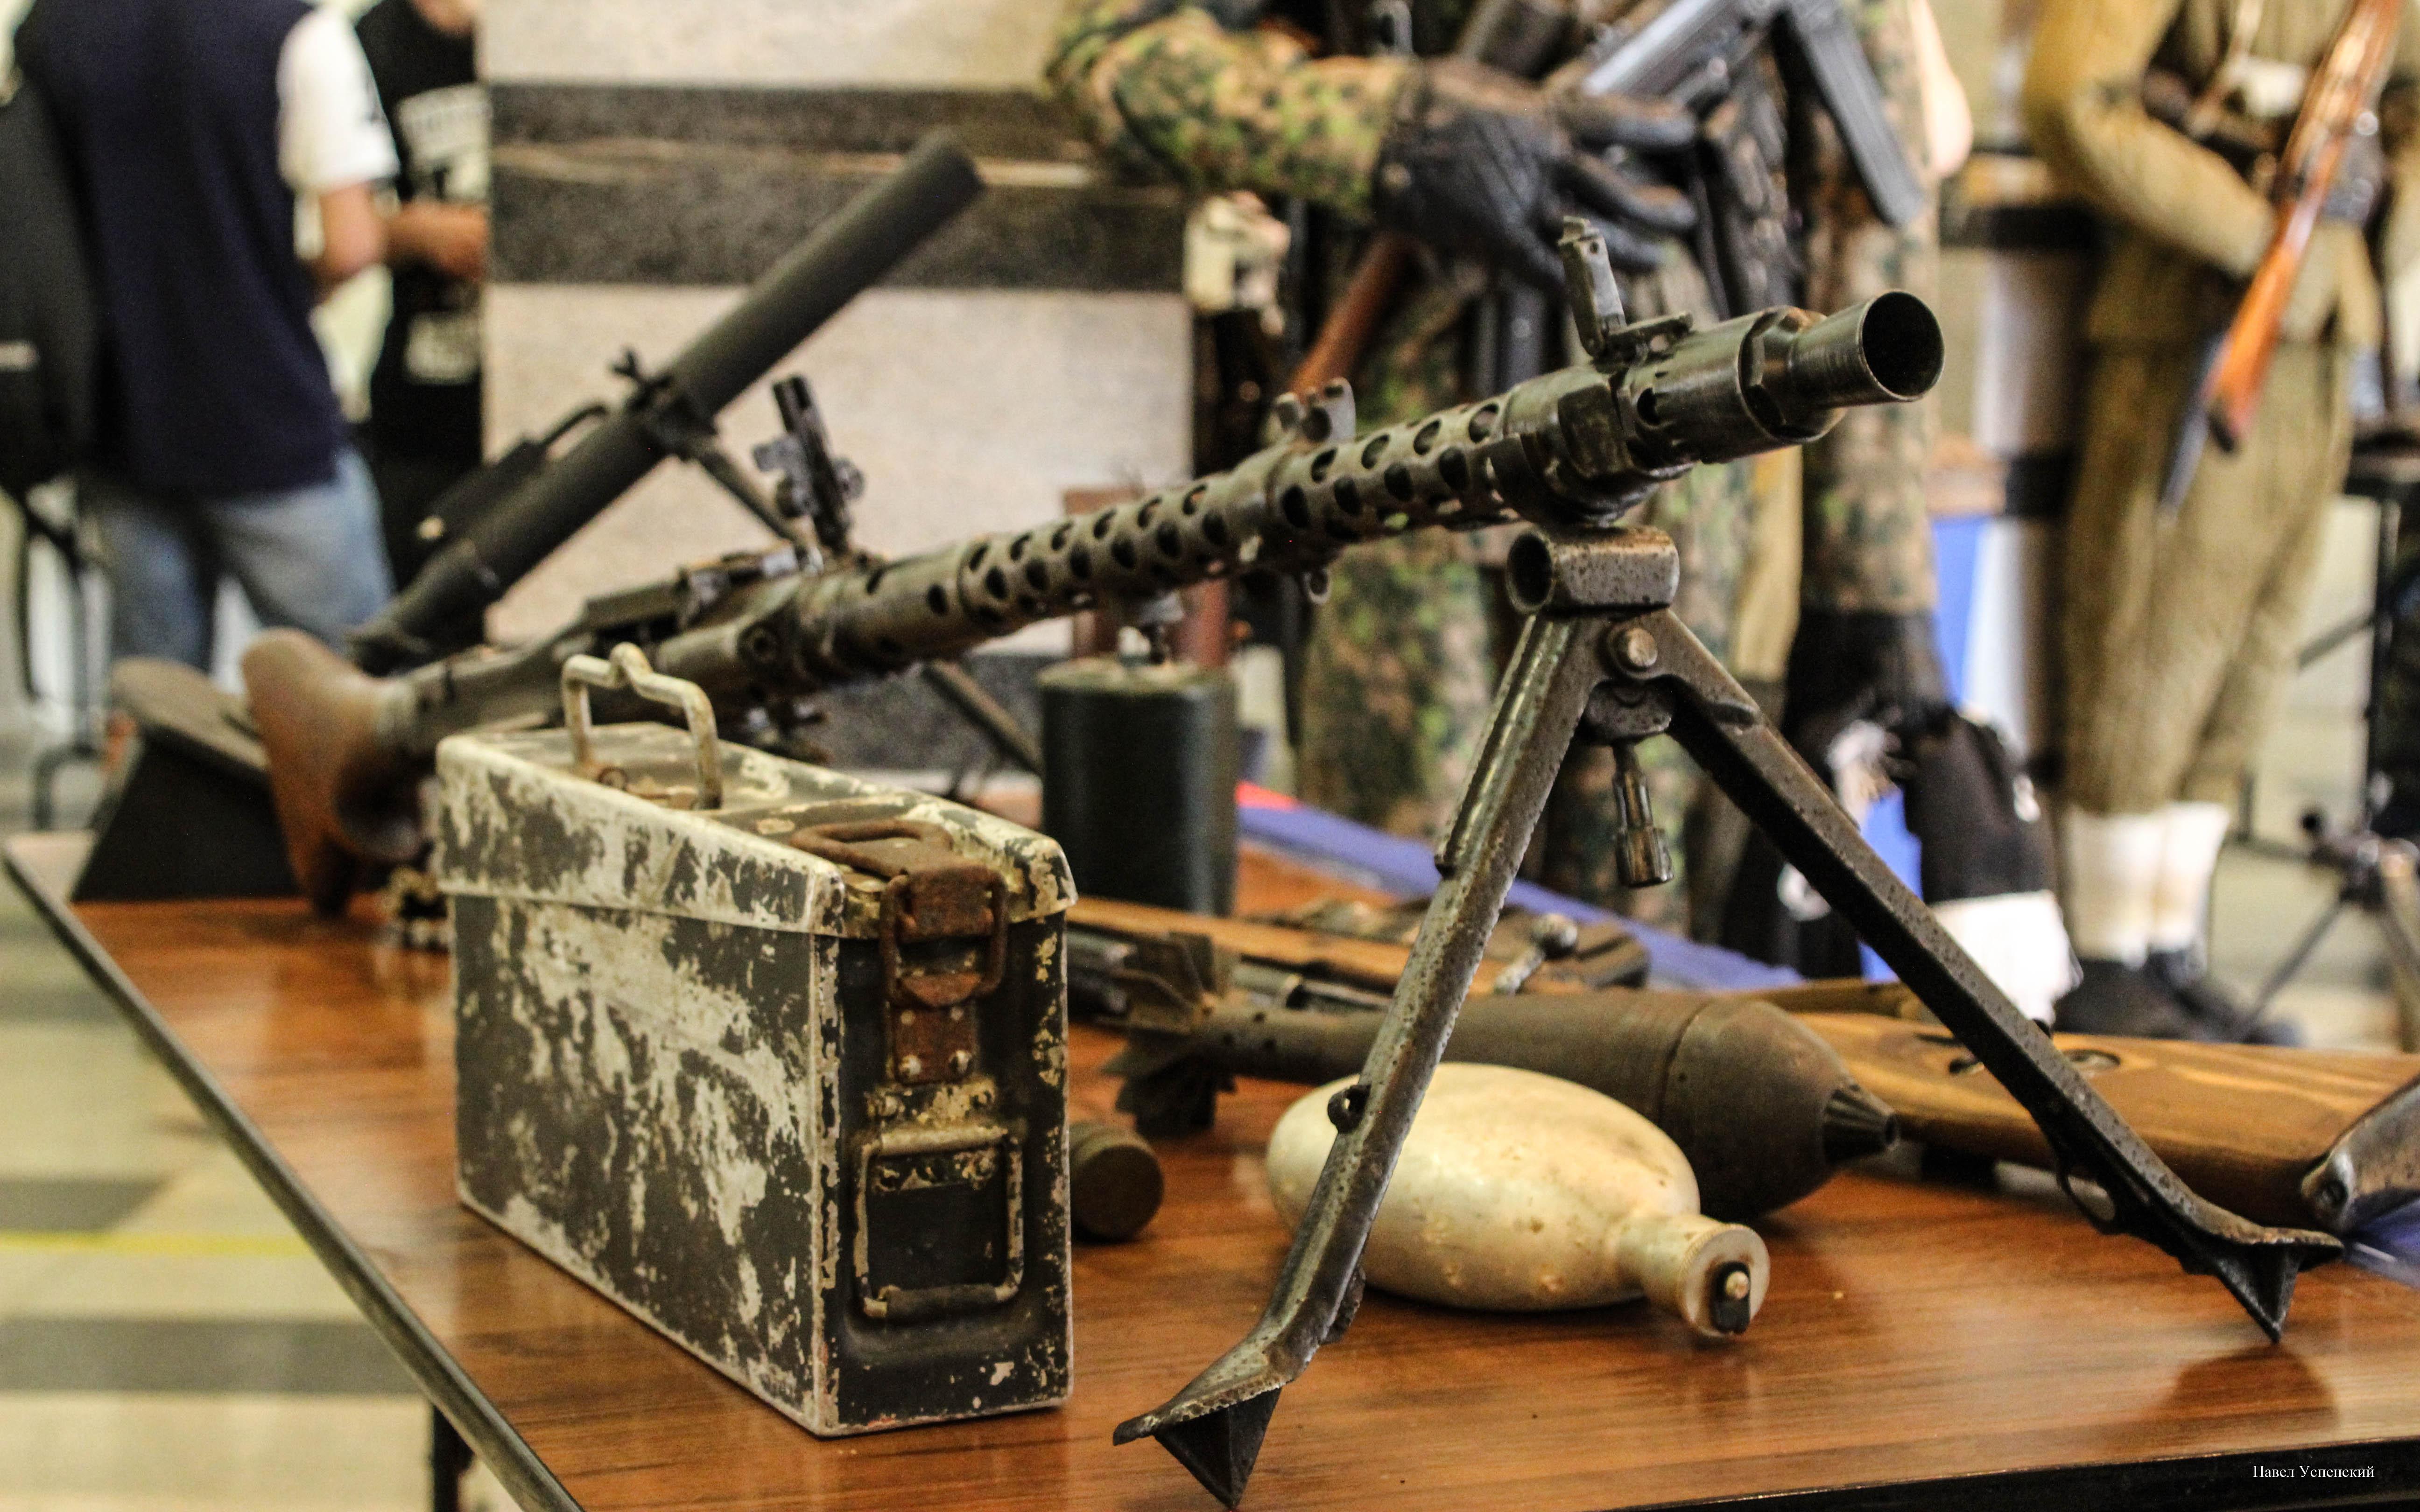 Жителям Твери показали предметы времен войны, найденные поисковиками на полях сражений